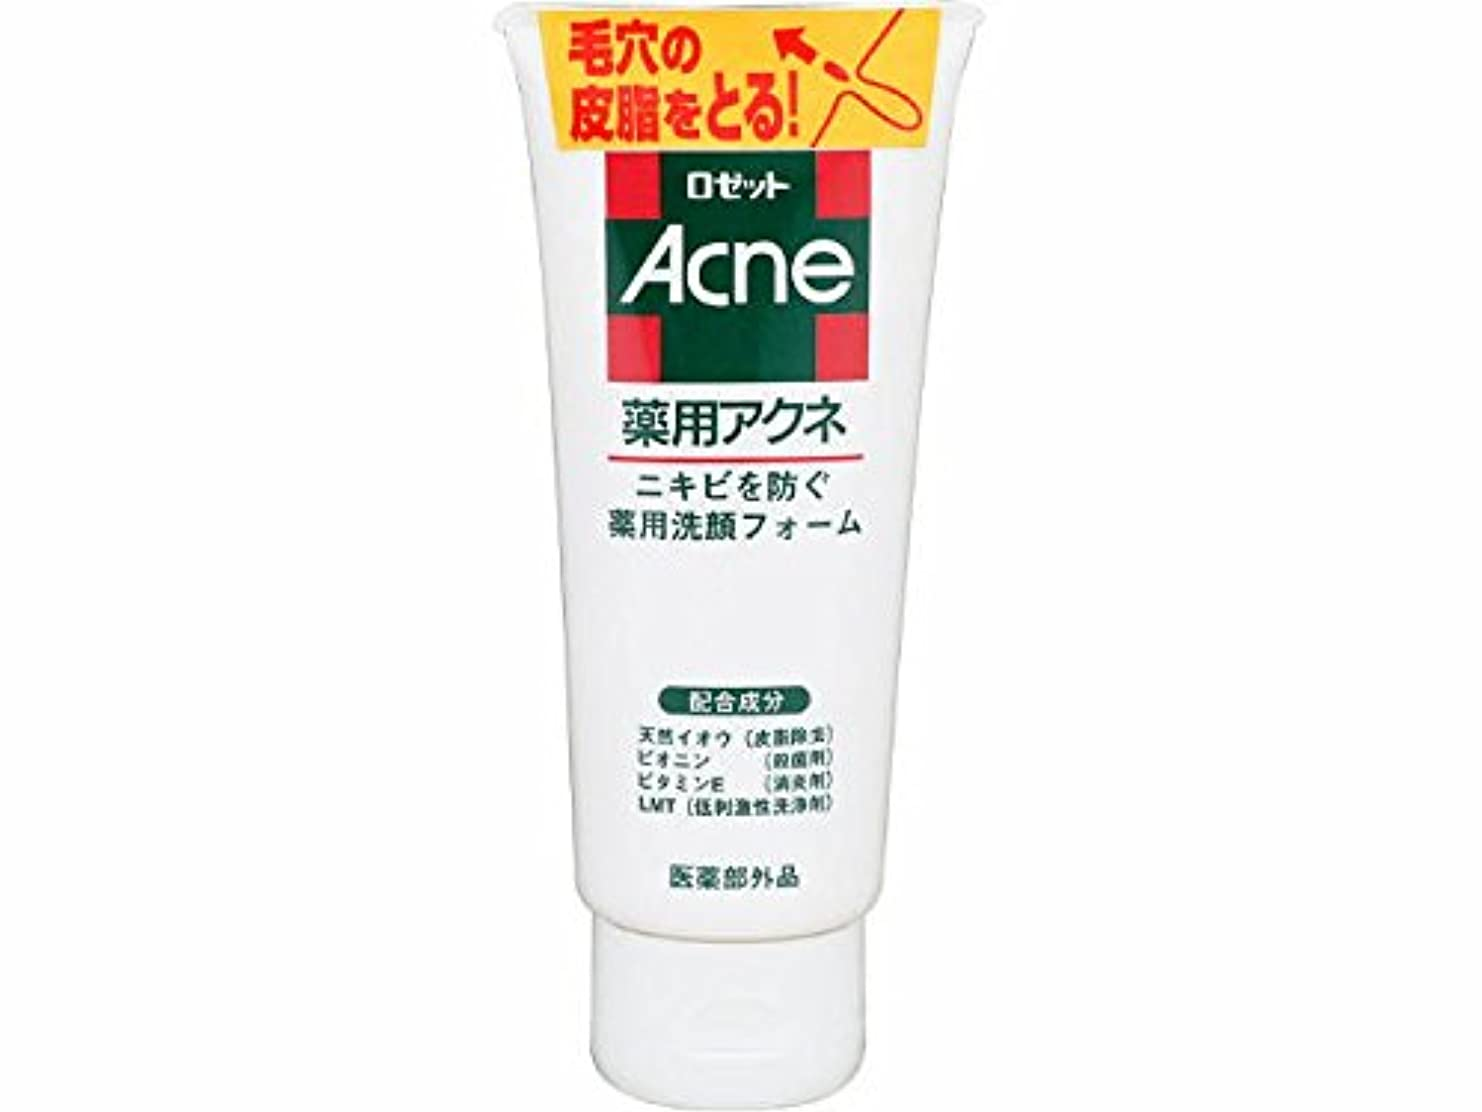 実行悪化させるクリークロゼット 薬用アクネ 洗顔フォーム 130g 医薬部外品 ニキビを防ぐ洗顔フォーム×48点セット (4901696105115)